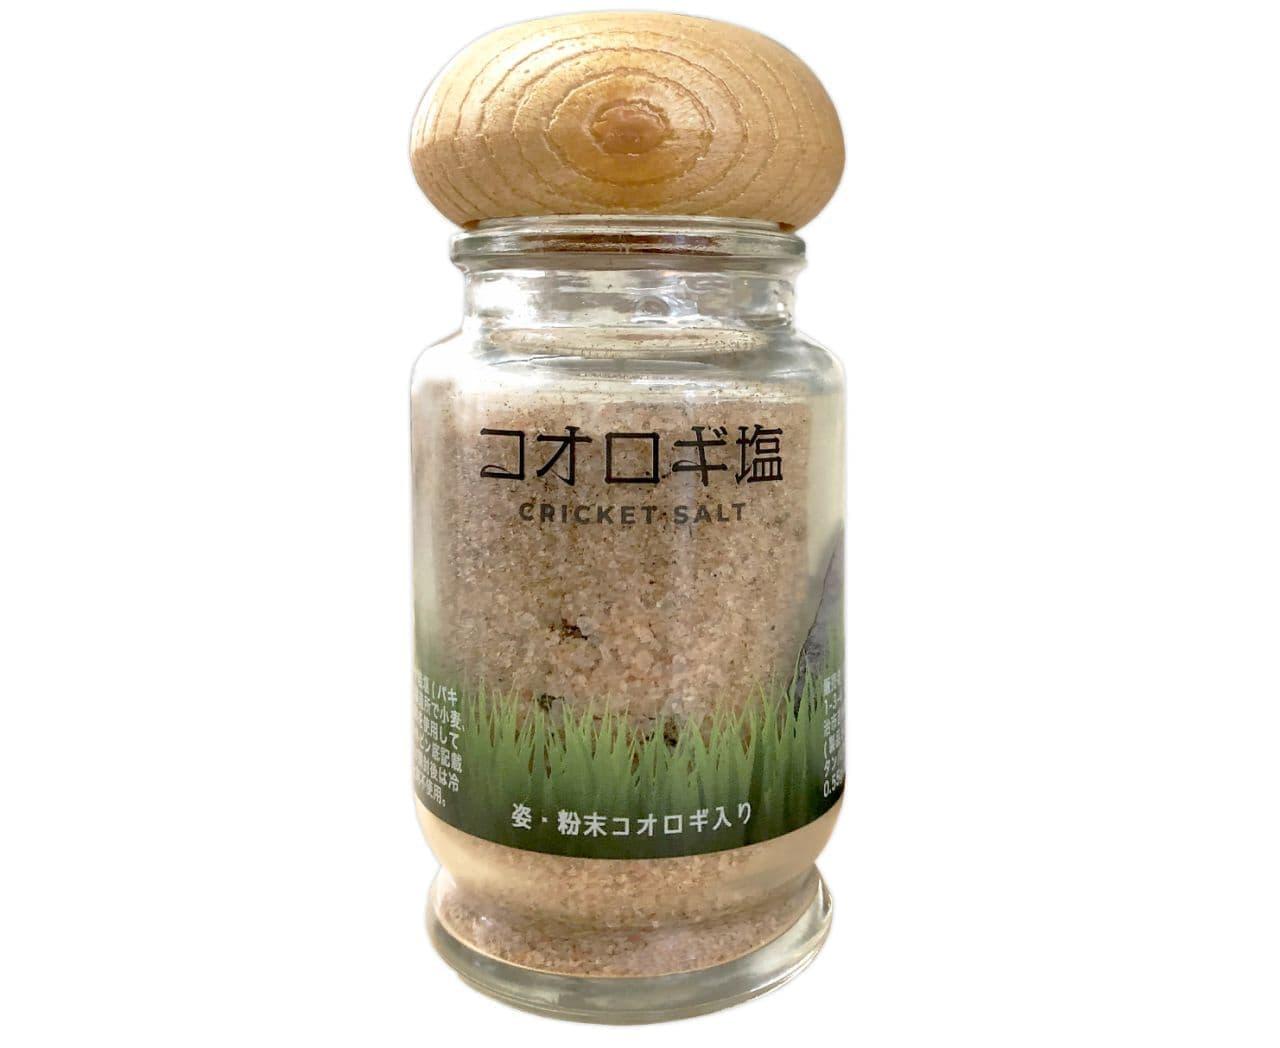 昆虫食を使用した「コオロギ塩」